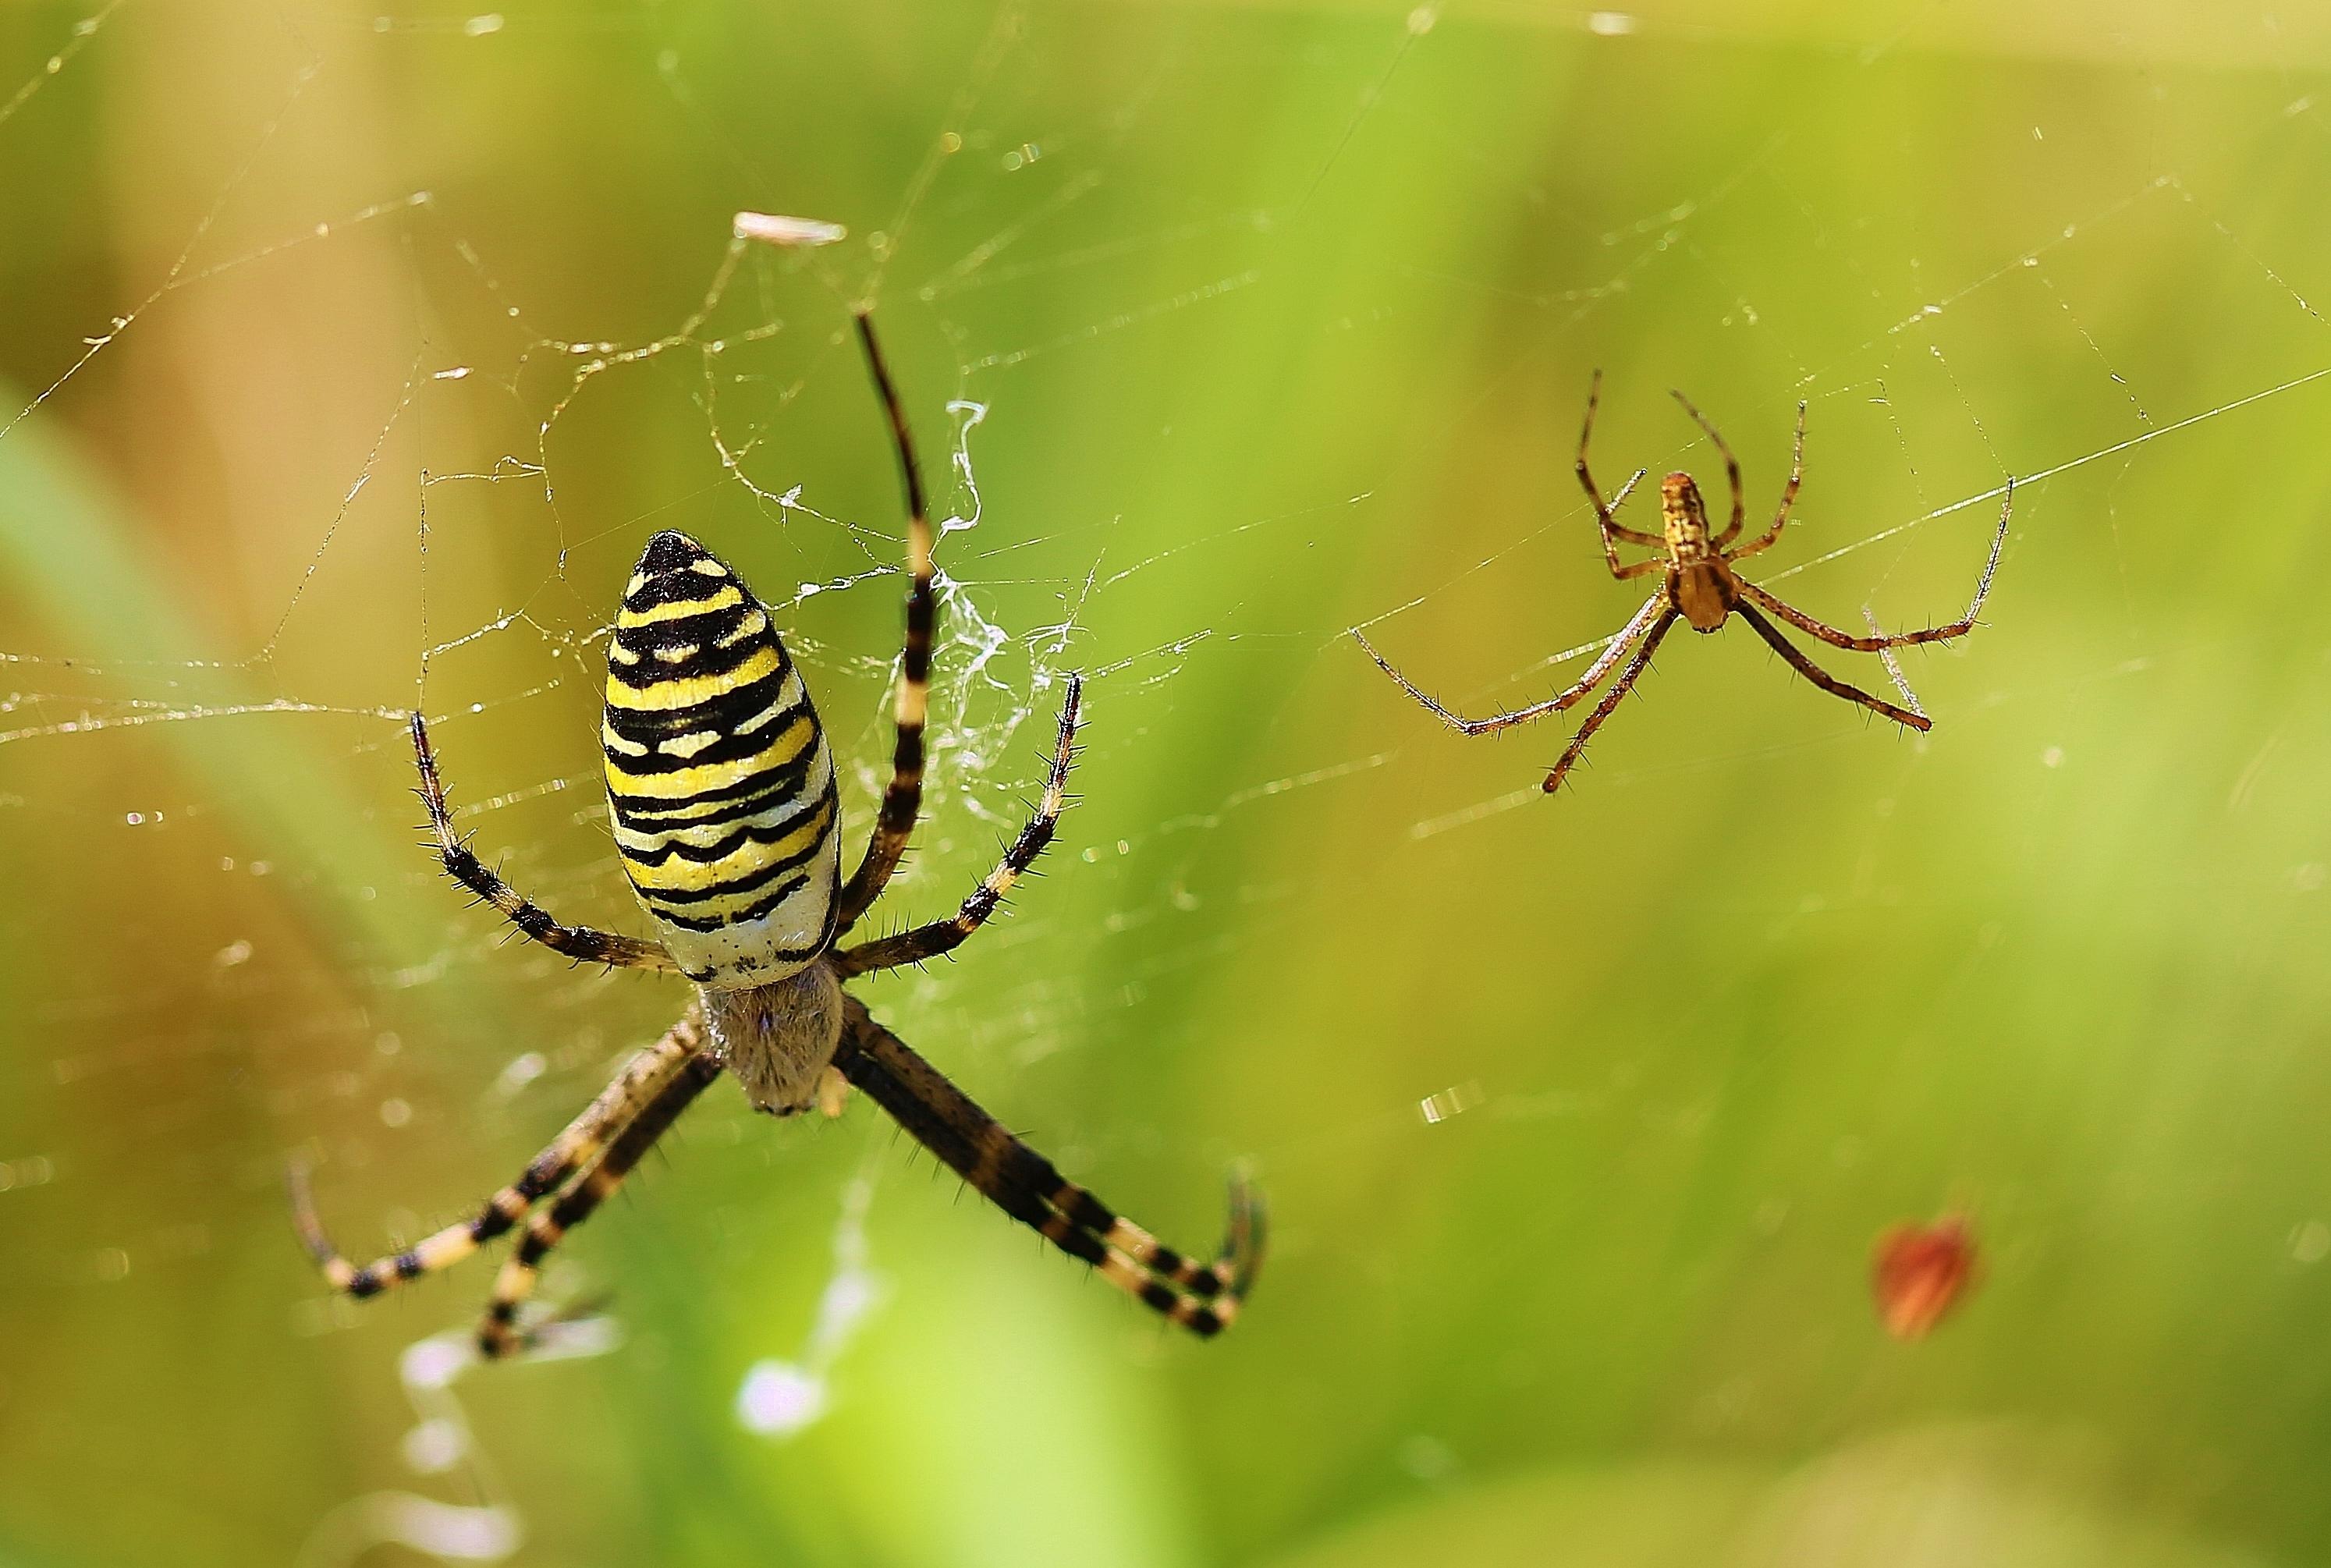 Wespenspinne weibliche (links), männliche (rechts)